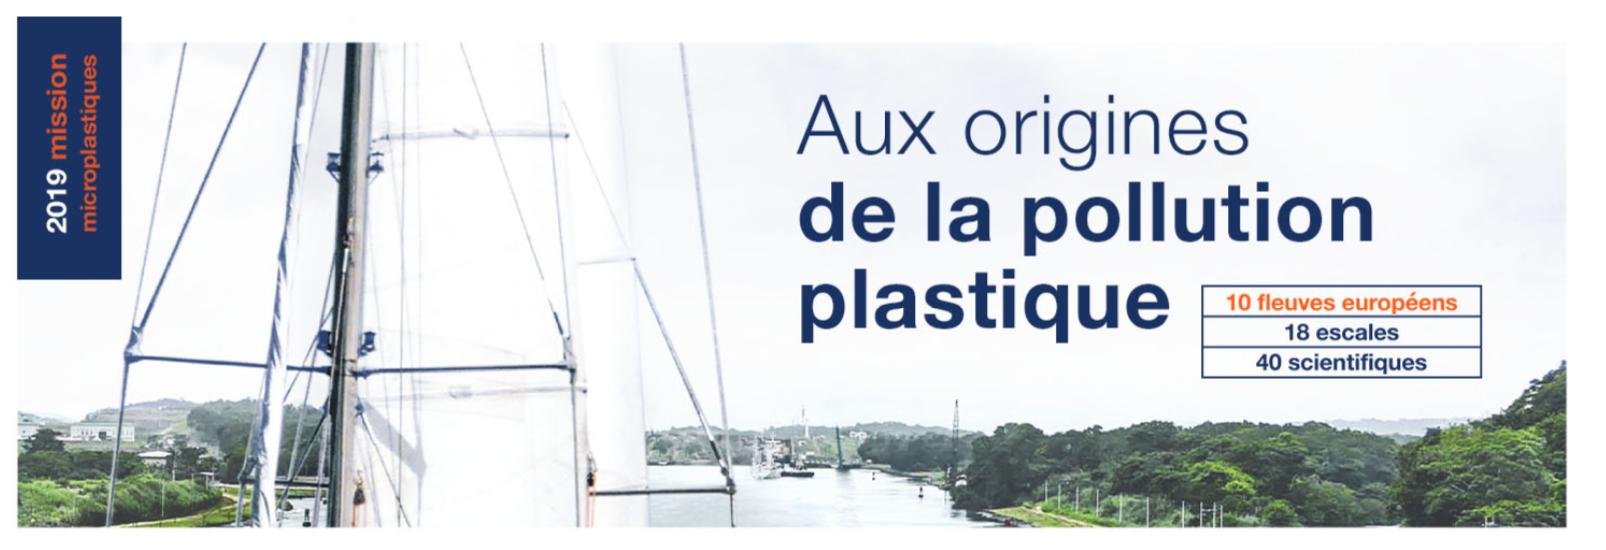 La Fondation Tara Océan lance une nouvelle mission sur 10 fleuves d'Europe aux origines de la pollution plastique